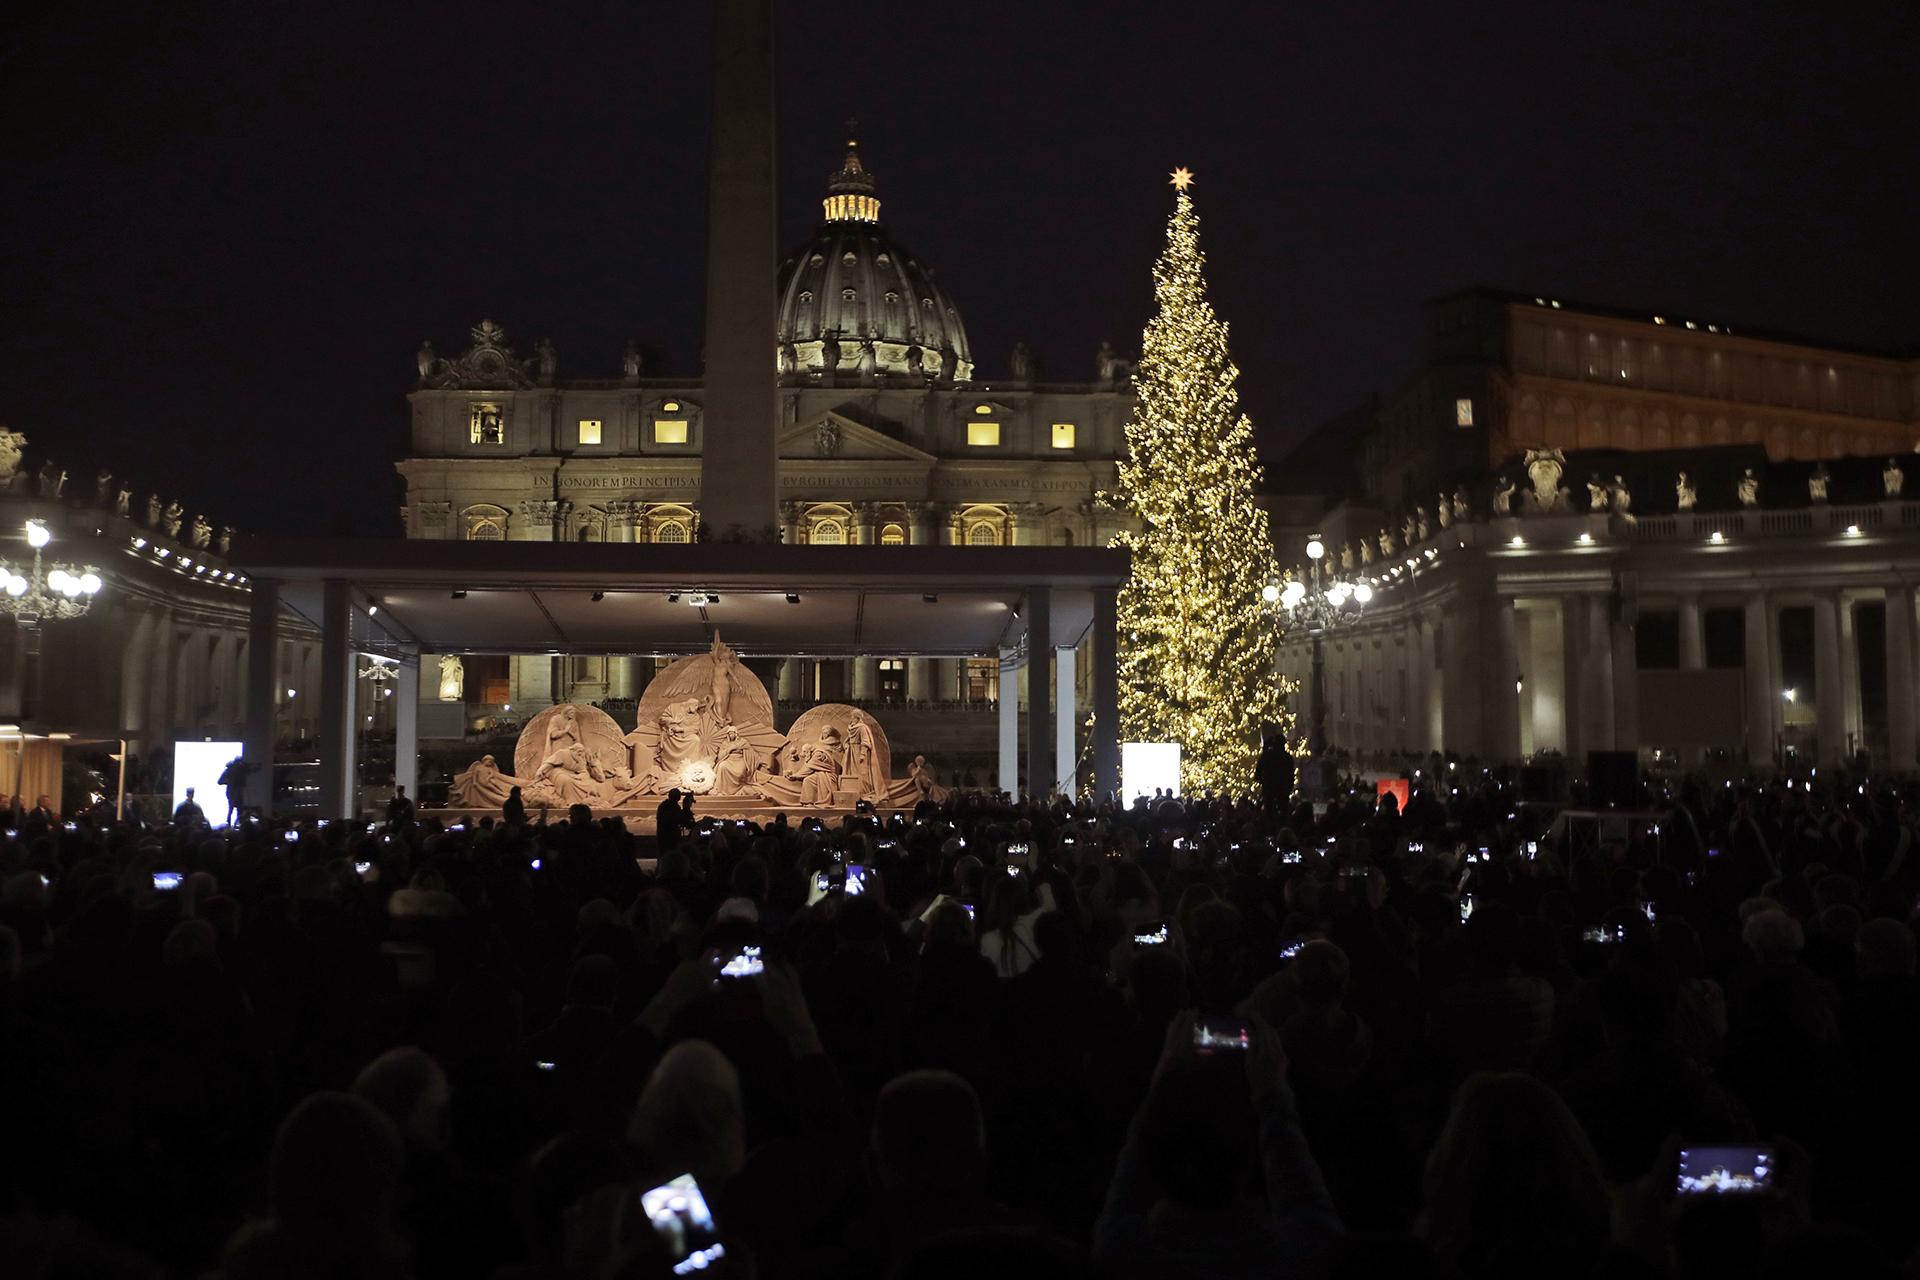 VATICANO-ROMA, ITALIA. Instalado en la plaza San Pedro y con la Basílica detrás, el árbol navideño fue construido por artistas italianos e internacionales